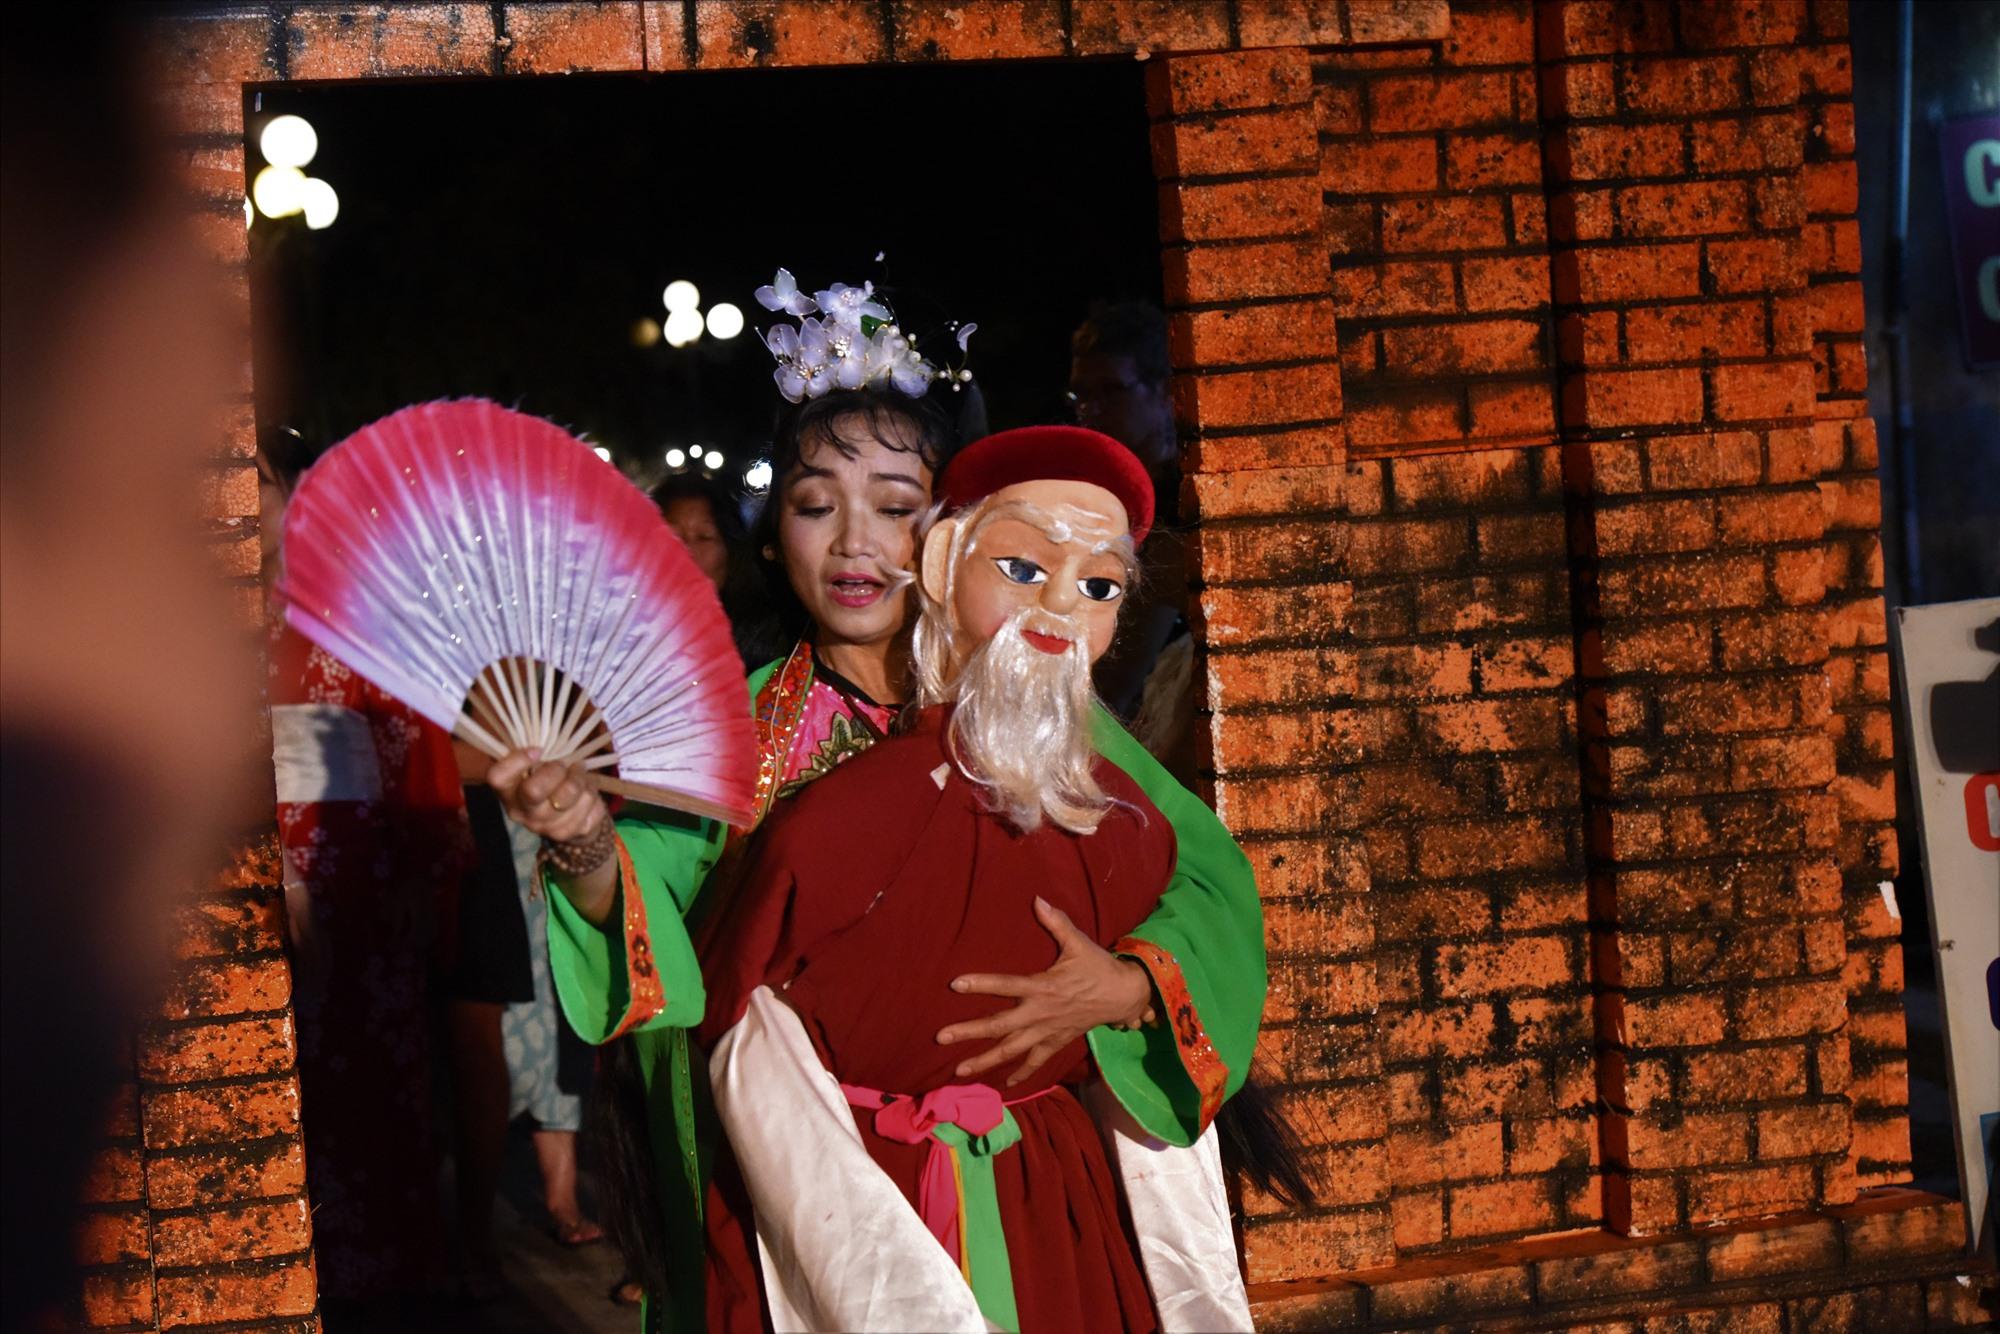 NSND Minh Gái nhập vai người kể chuyện sử về Hội An thông qua nhân vật ông già cõng vợ trẻ đi chơi phố Hội.